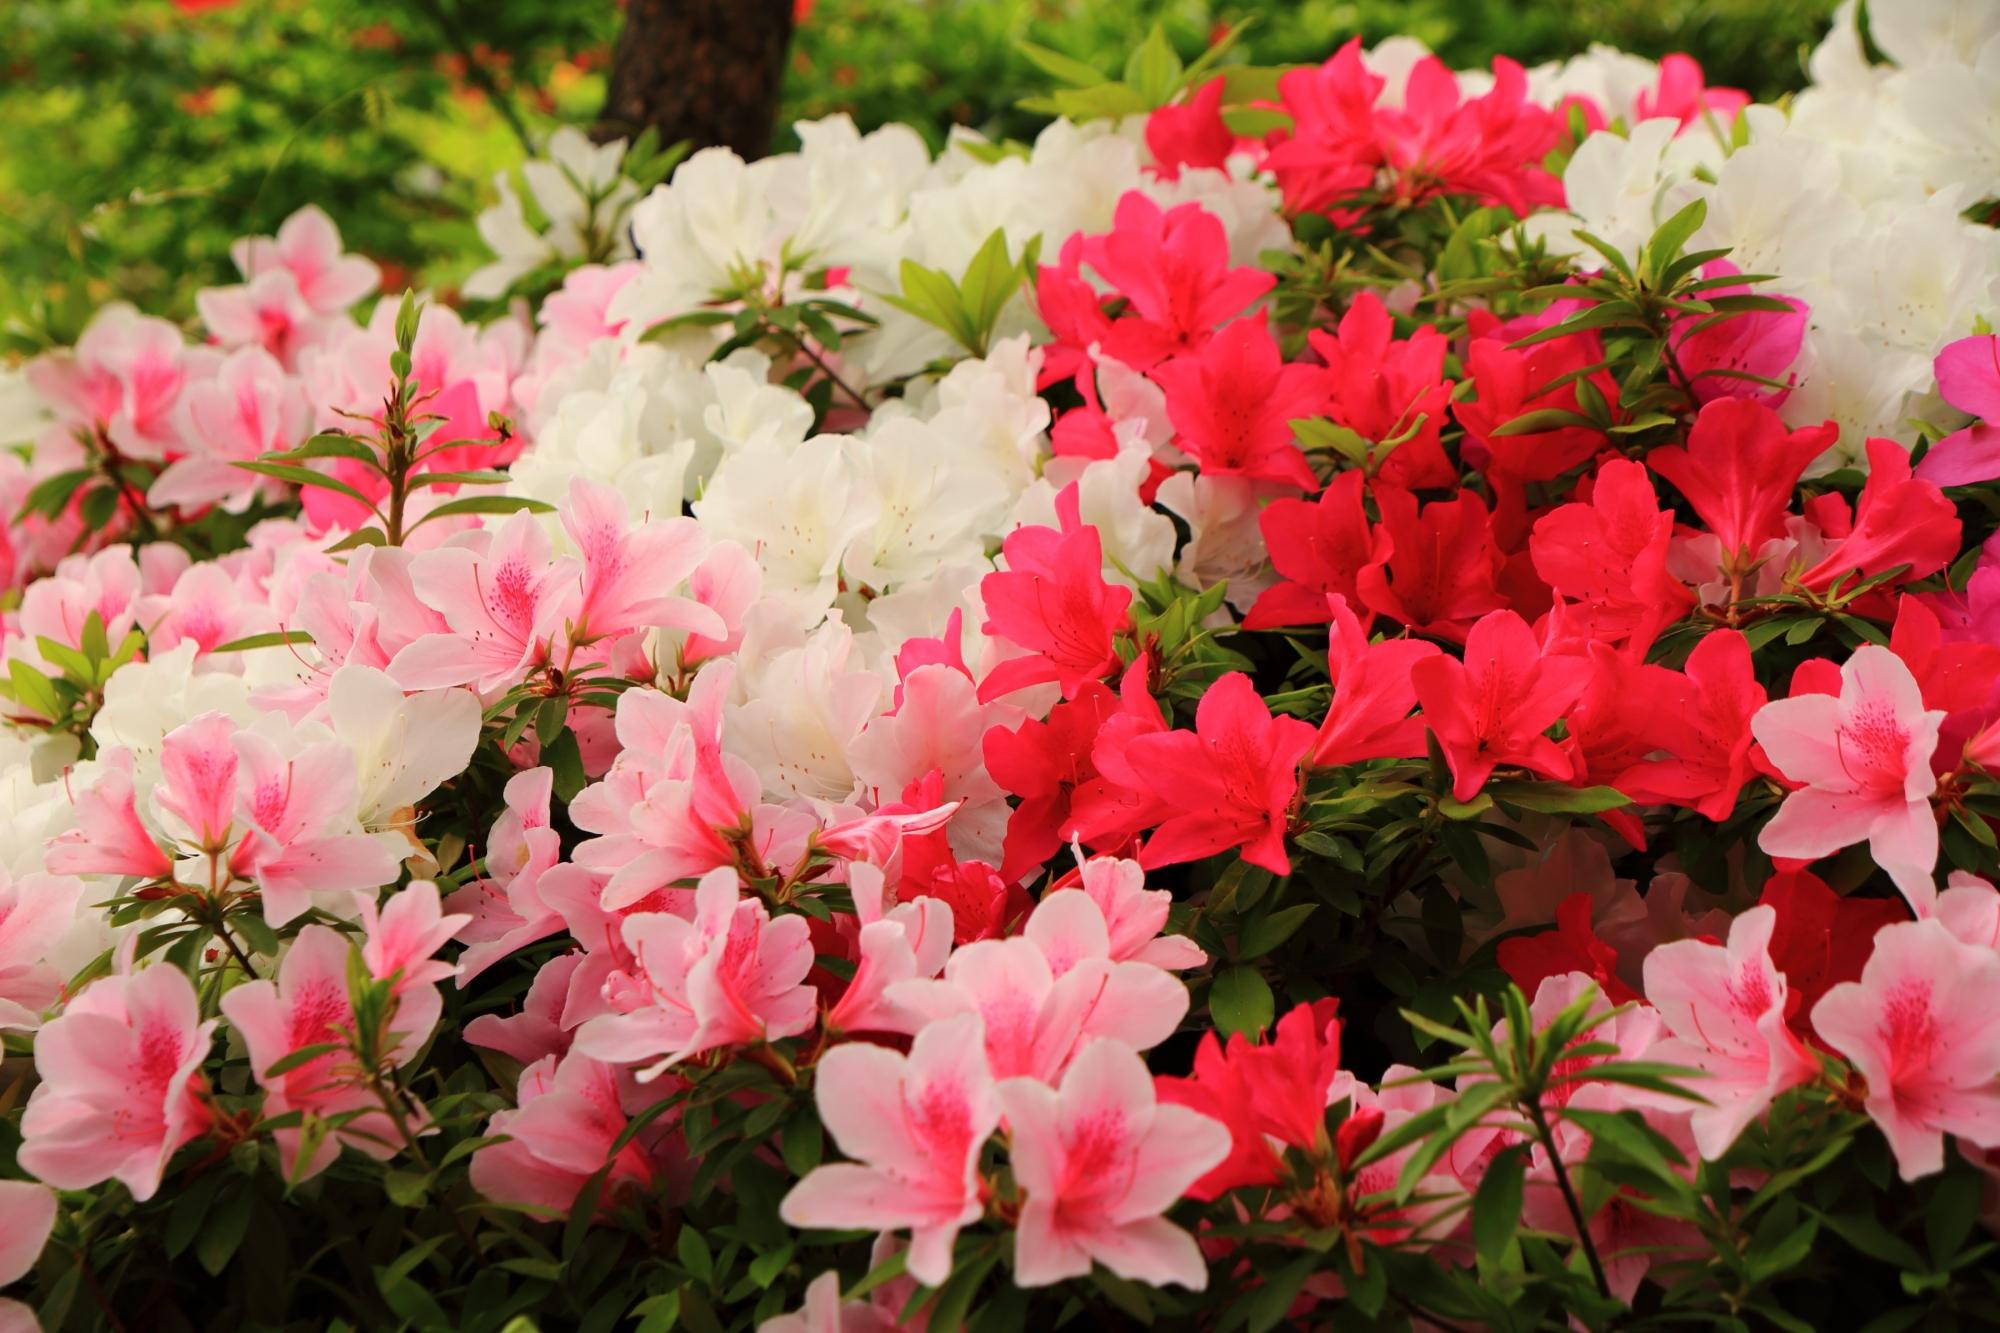 賑やかに華やぐいろんな色のツツジの花